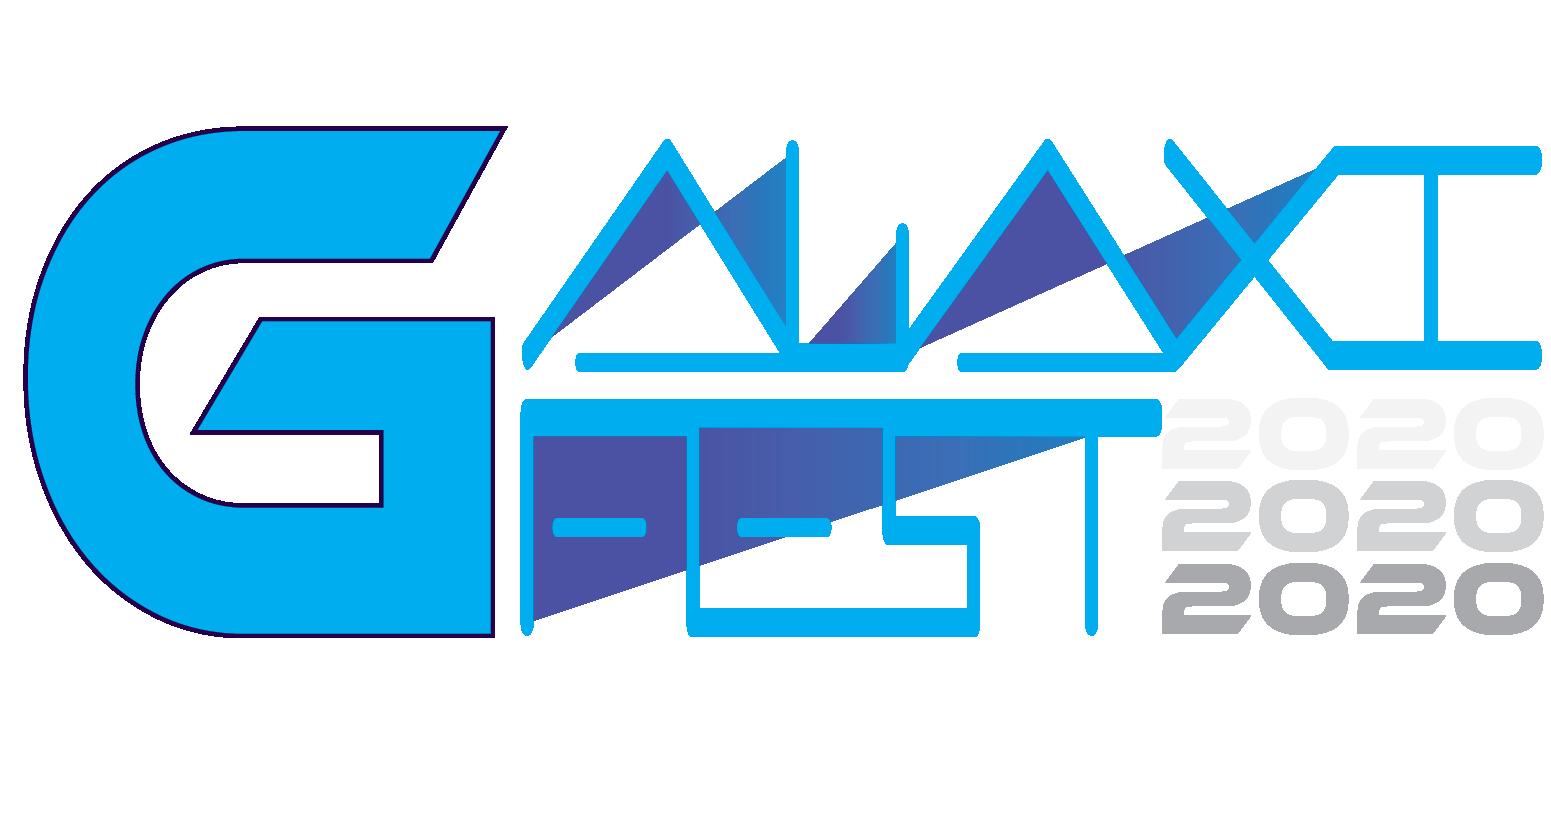 GalaxiFest Logo